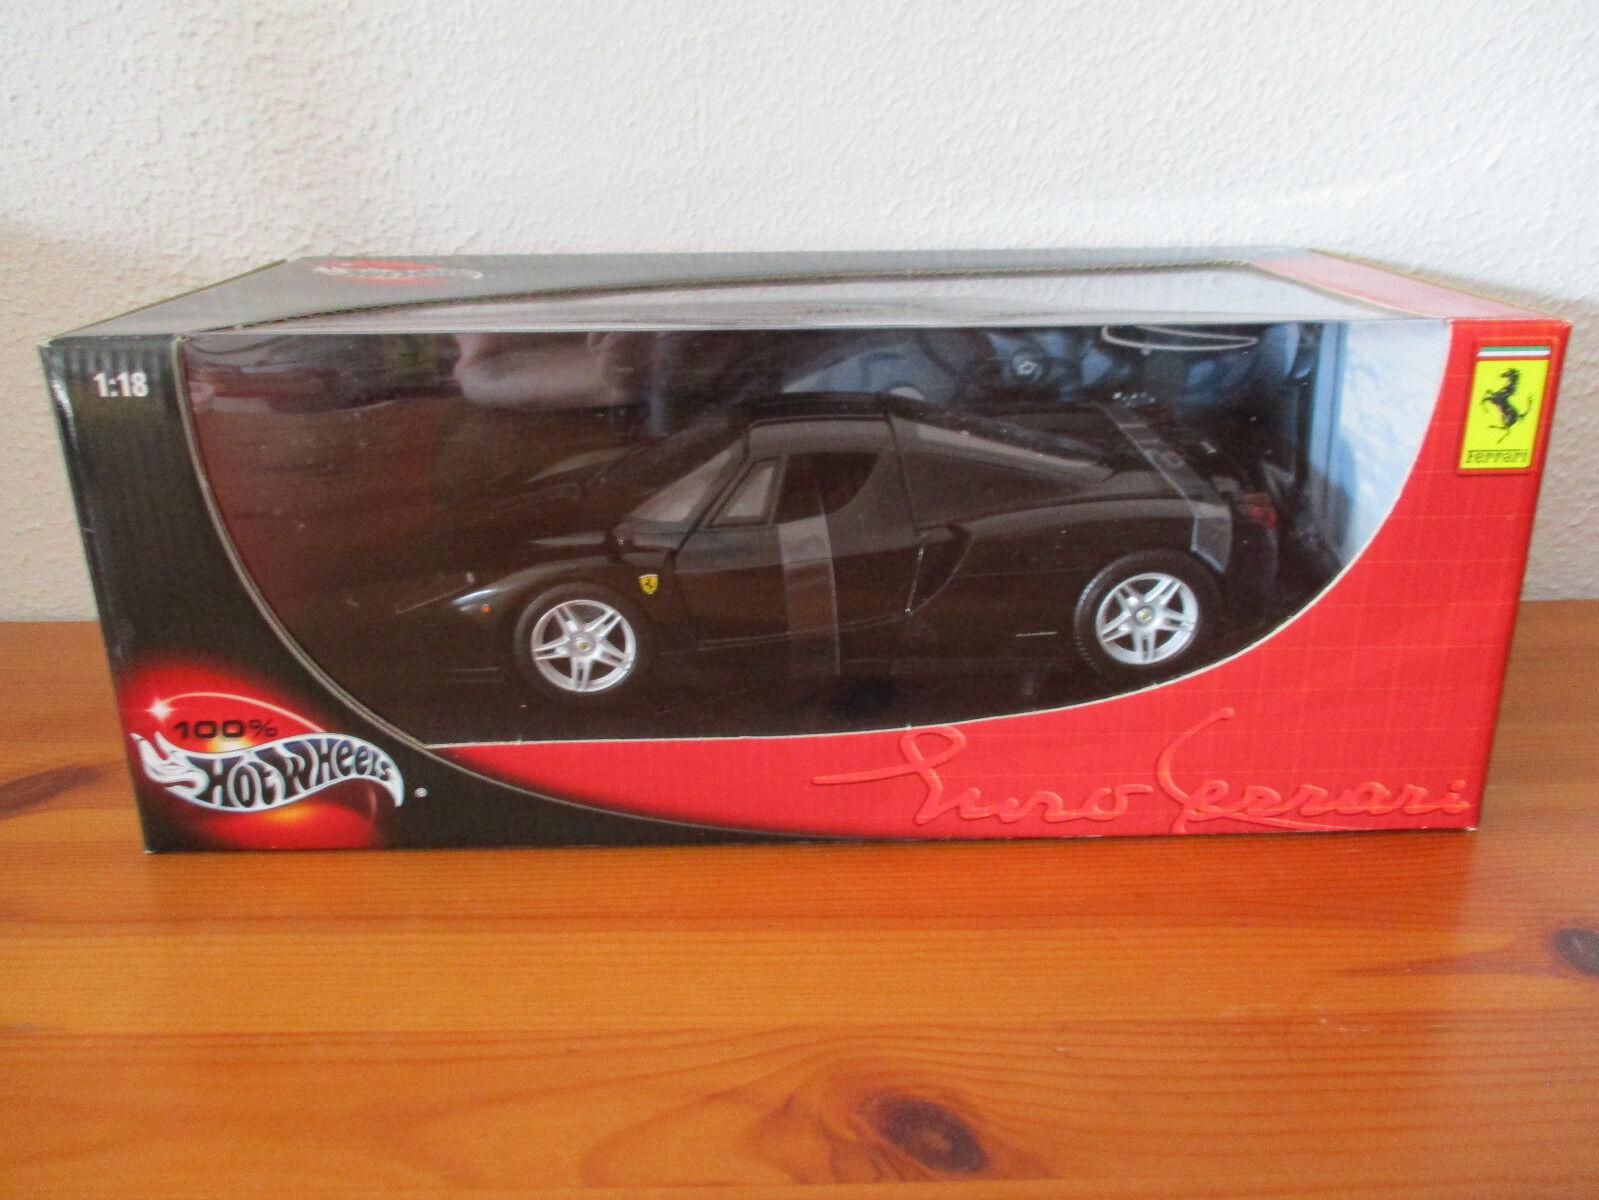 ( GO ) 1 1 1 18 Hot Wheels Ferrari Enzo neuf emballage scellé e4e2c6